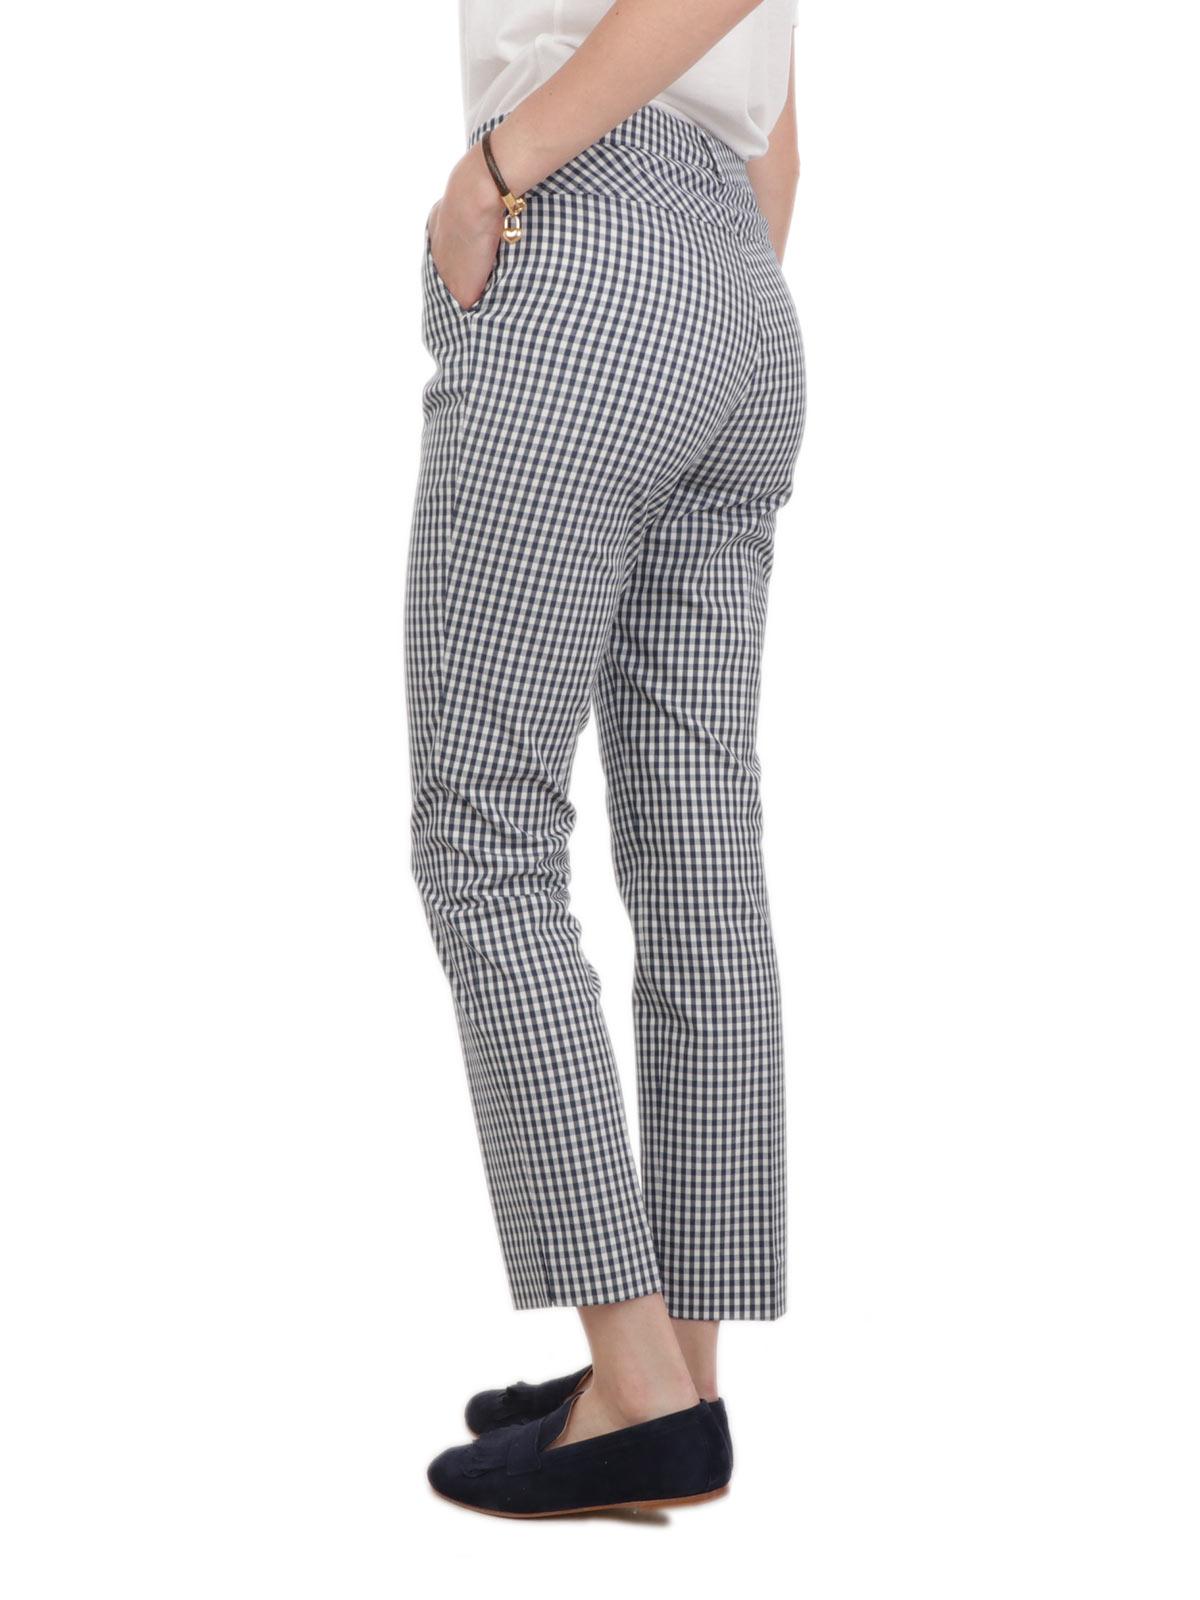 Immagine di VIA MASINI 80 | Pantalone Donna a Quadretti